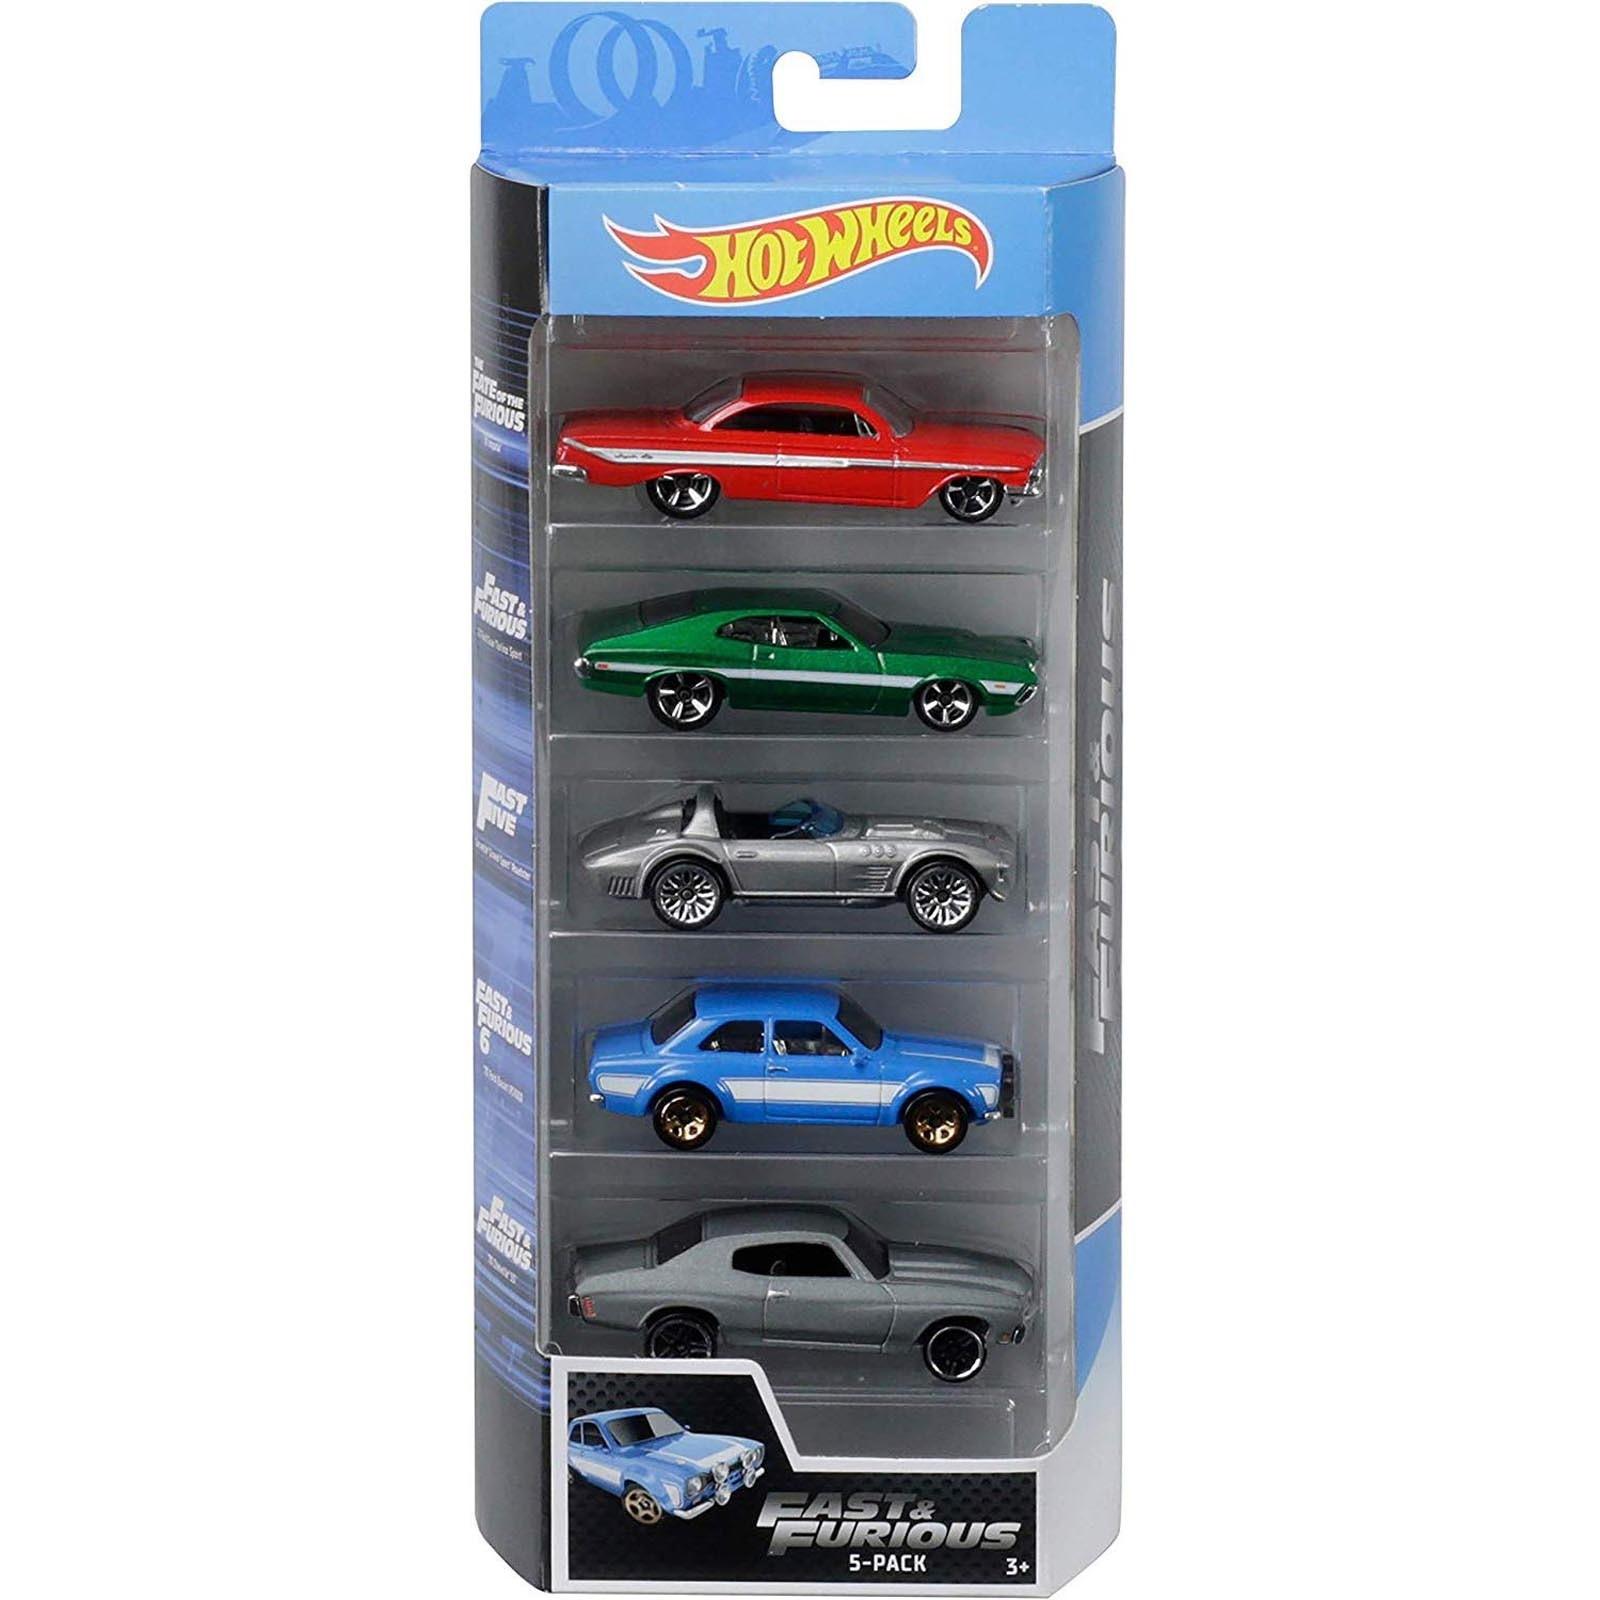 Pack de 5 Hot Wheels - Fast And Furious - Velozes e Furiosos - FYL16